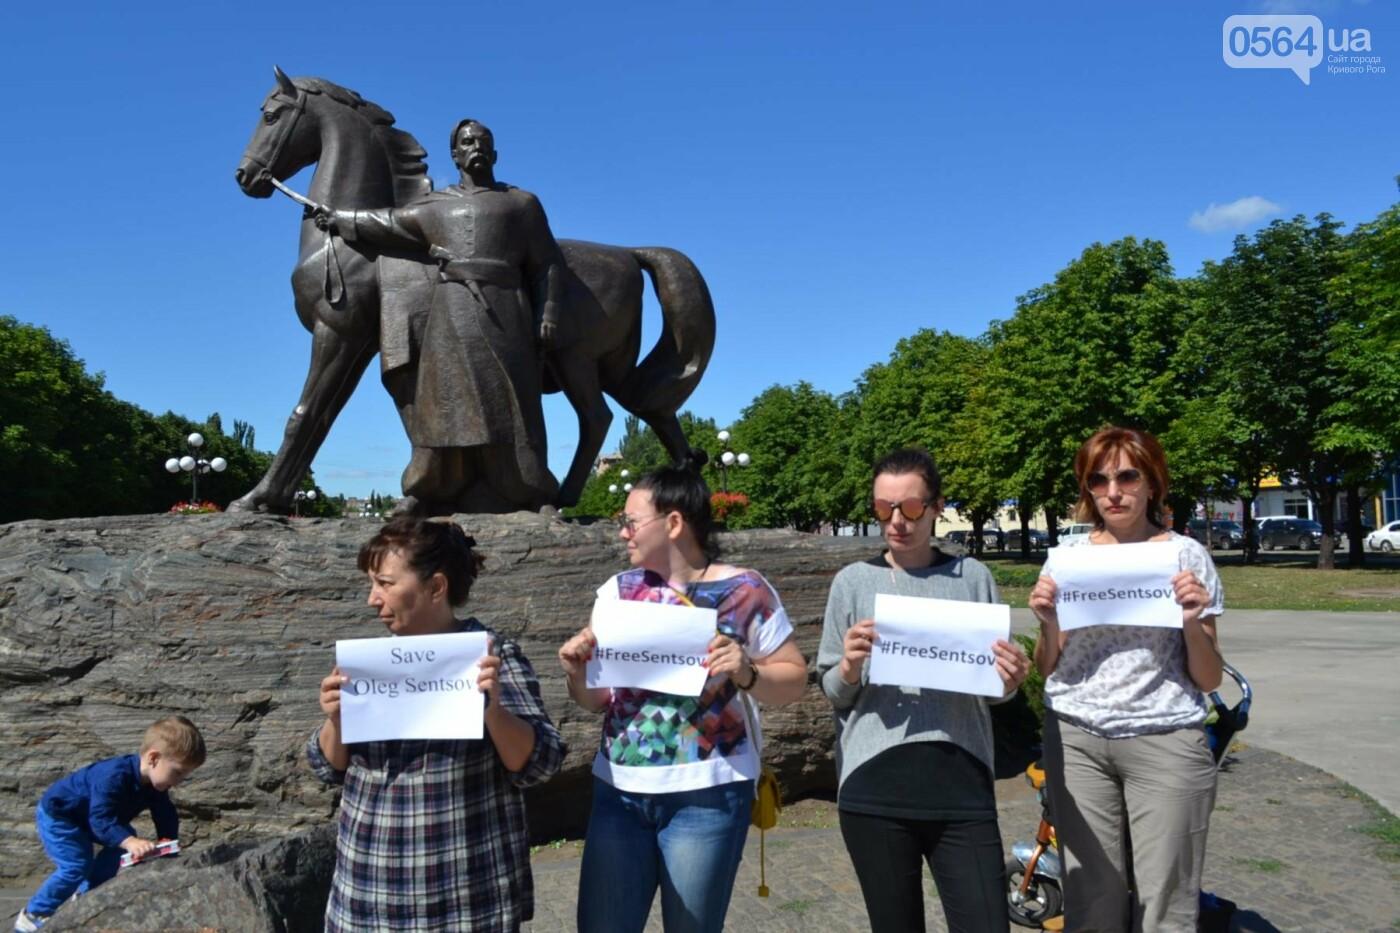 Криворожане вышли на всемирную акцию FreeSentsov, - ФОТО, ВИДЕО, фото-17